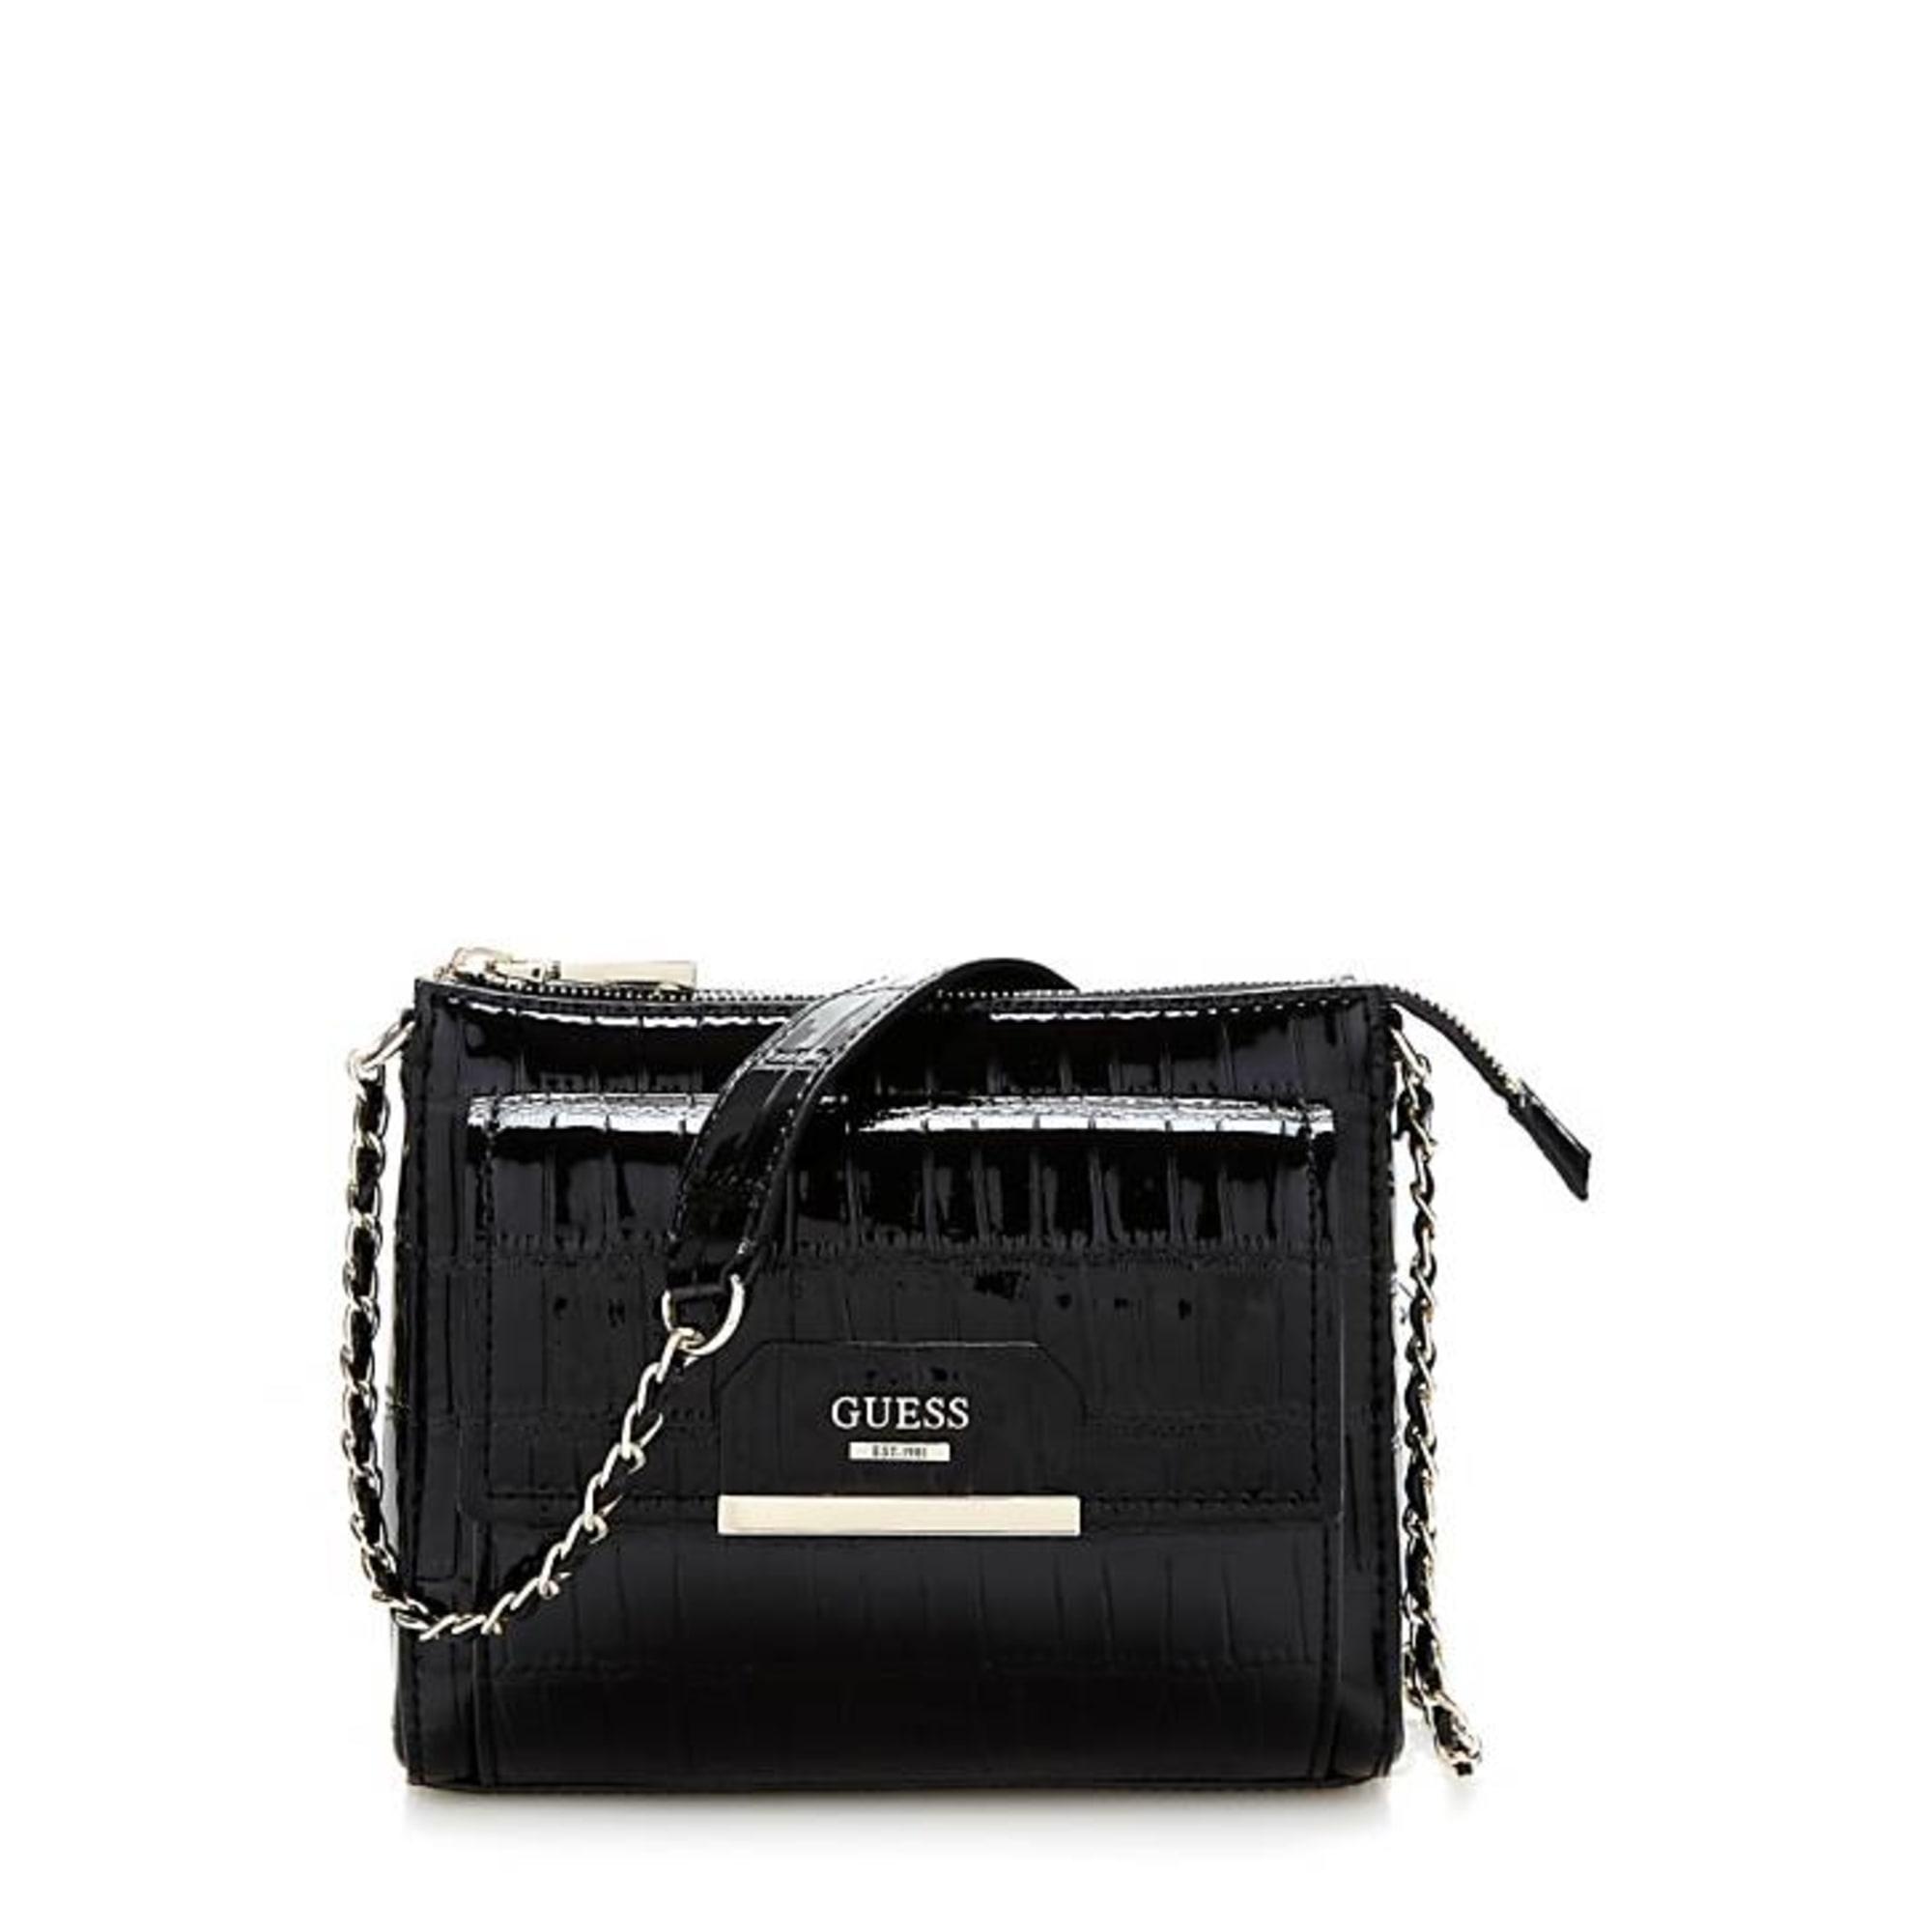 Leather Shoulder Bag GUESS Black